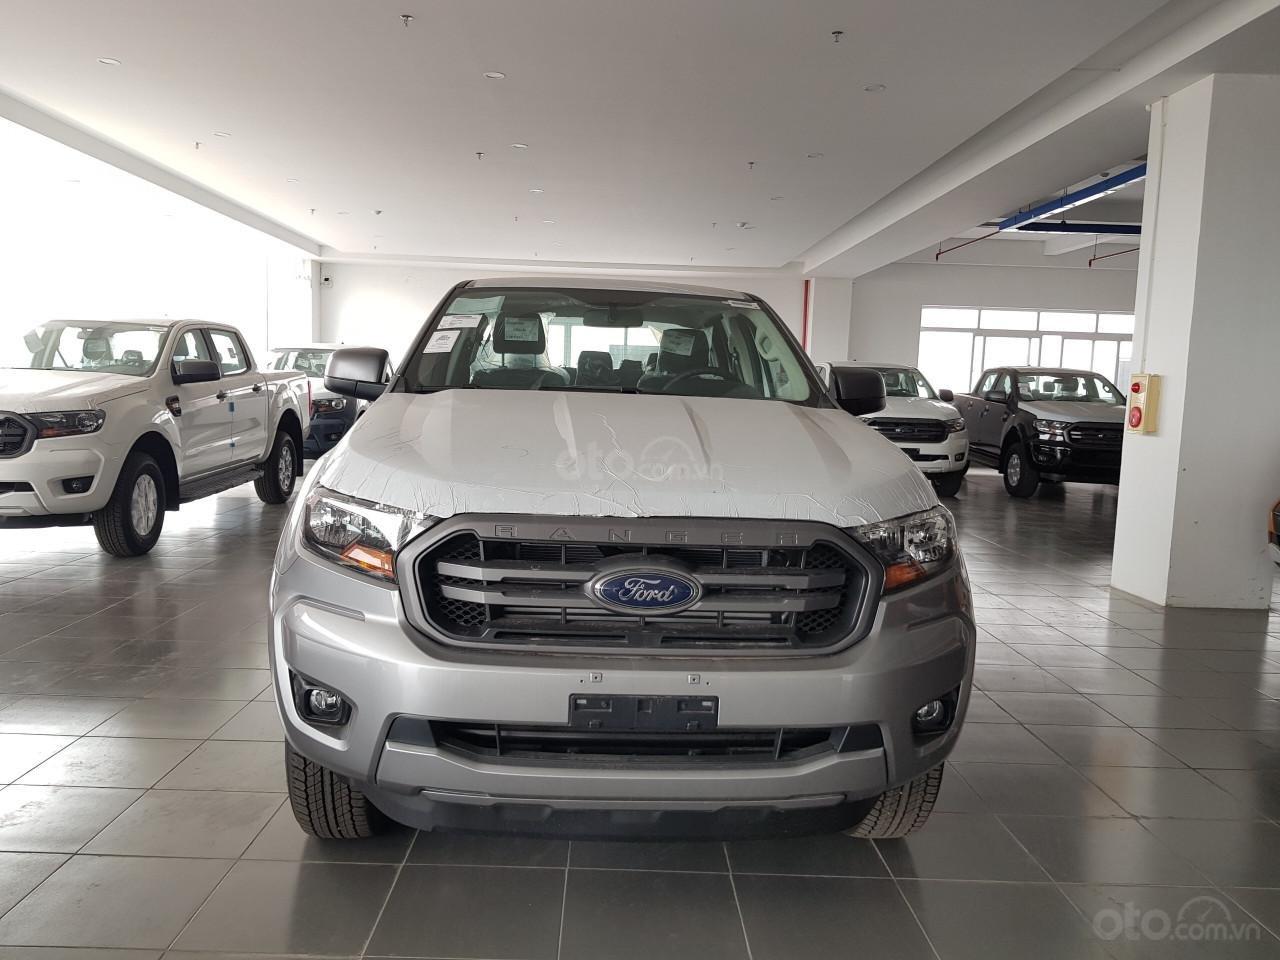 Bán Ford Ranger Ranger XLS AT đời 2019, đủ màu, giao xe tháng 10/2019 nhập khẩu nguyên chiếc, giá tốt (1)